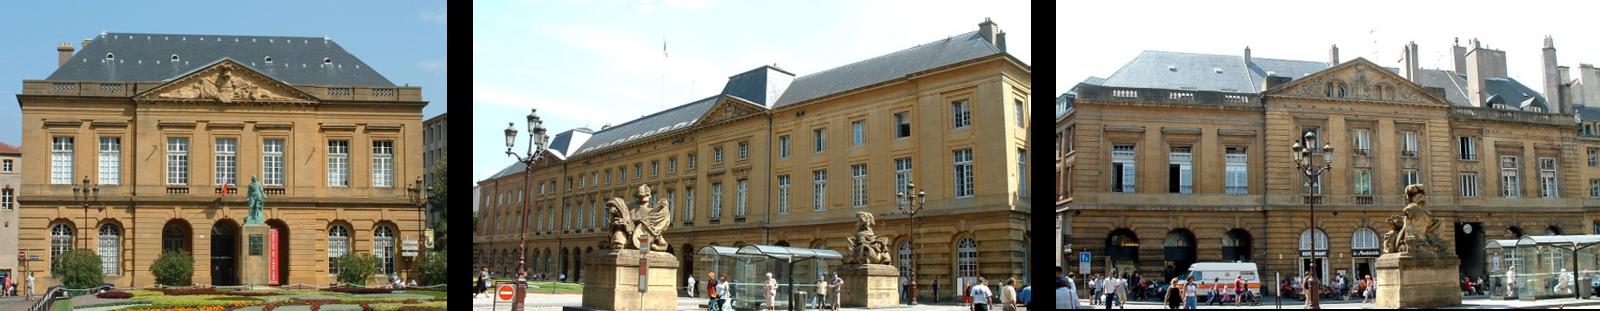 Place d'Armes : Corps de garde (achevé en 1771), Hôtel de ville (achevé en 1788), Parlement.